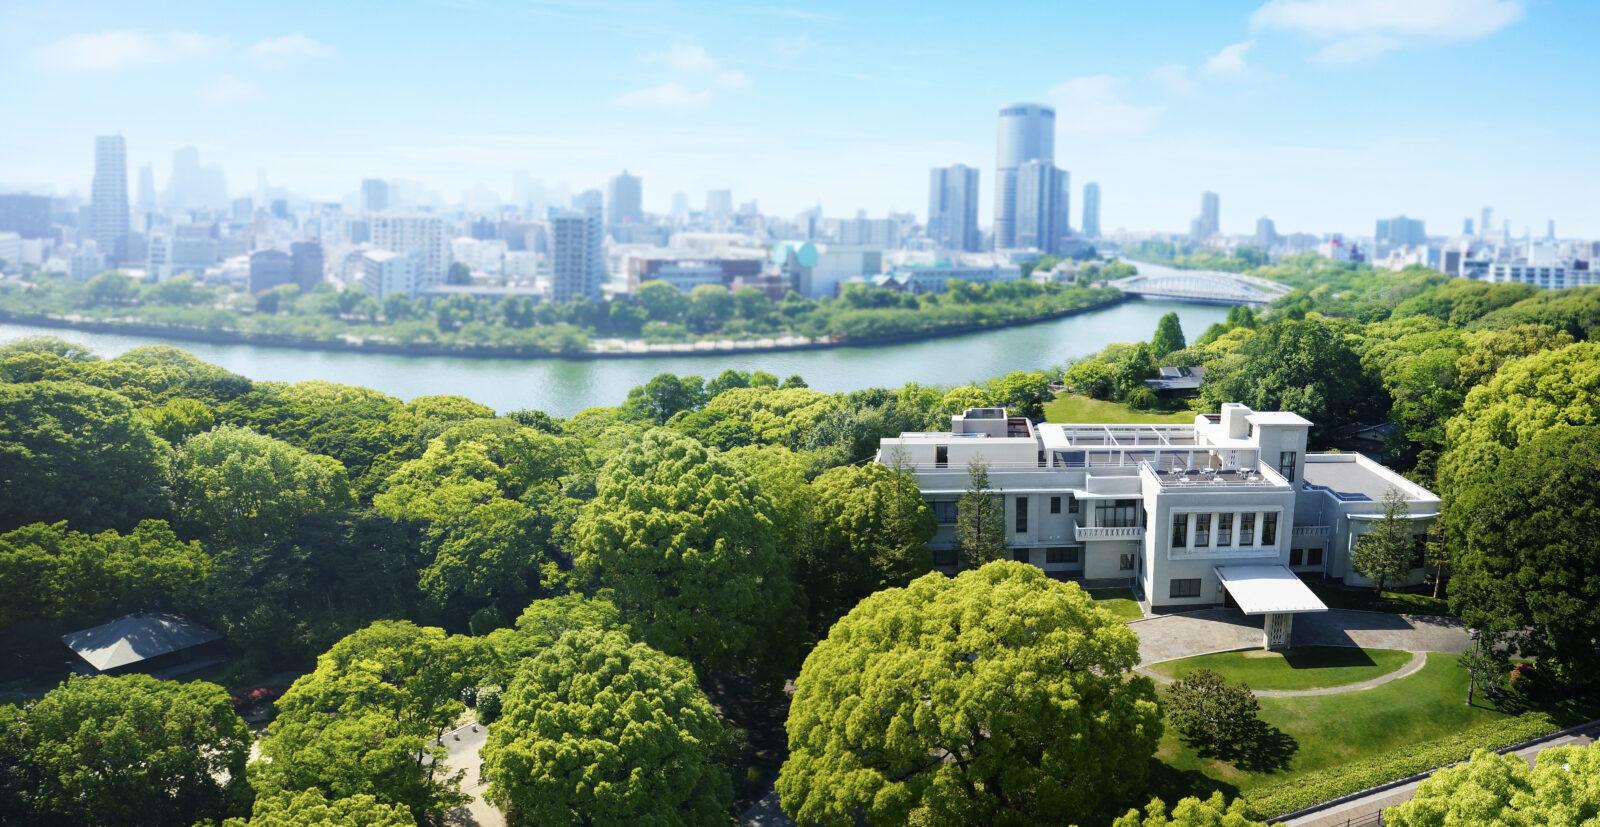 ザ・ガーデンオリエンタル大阪 会場写真 - 1